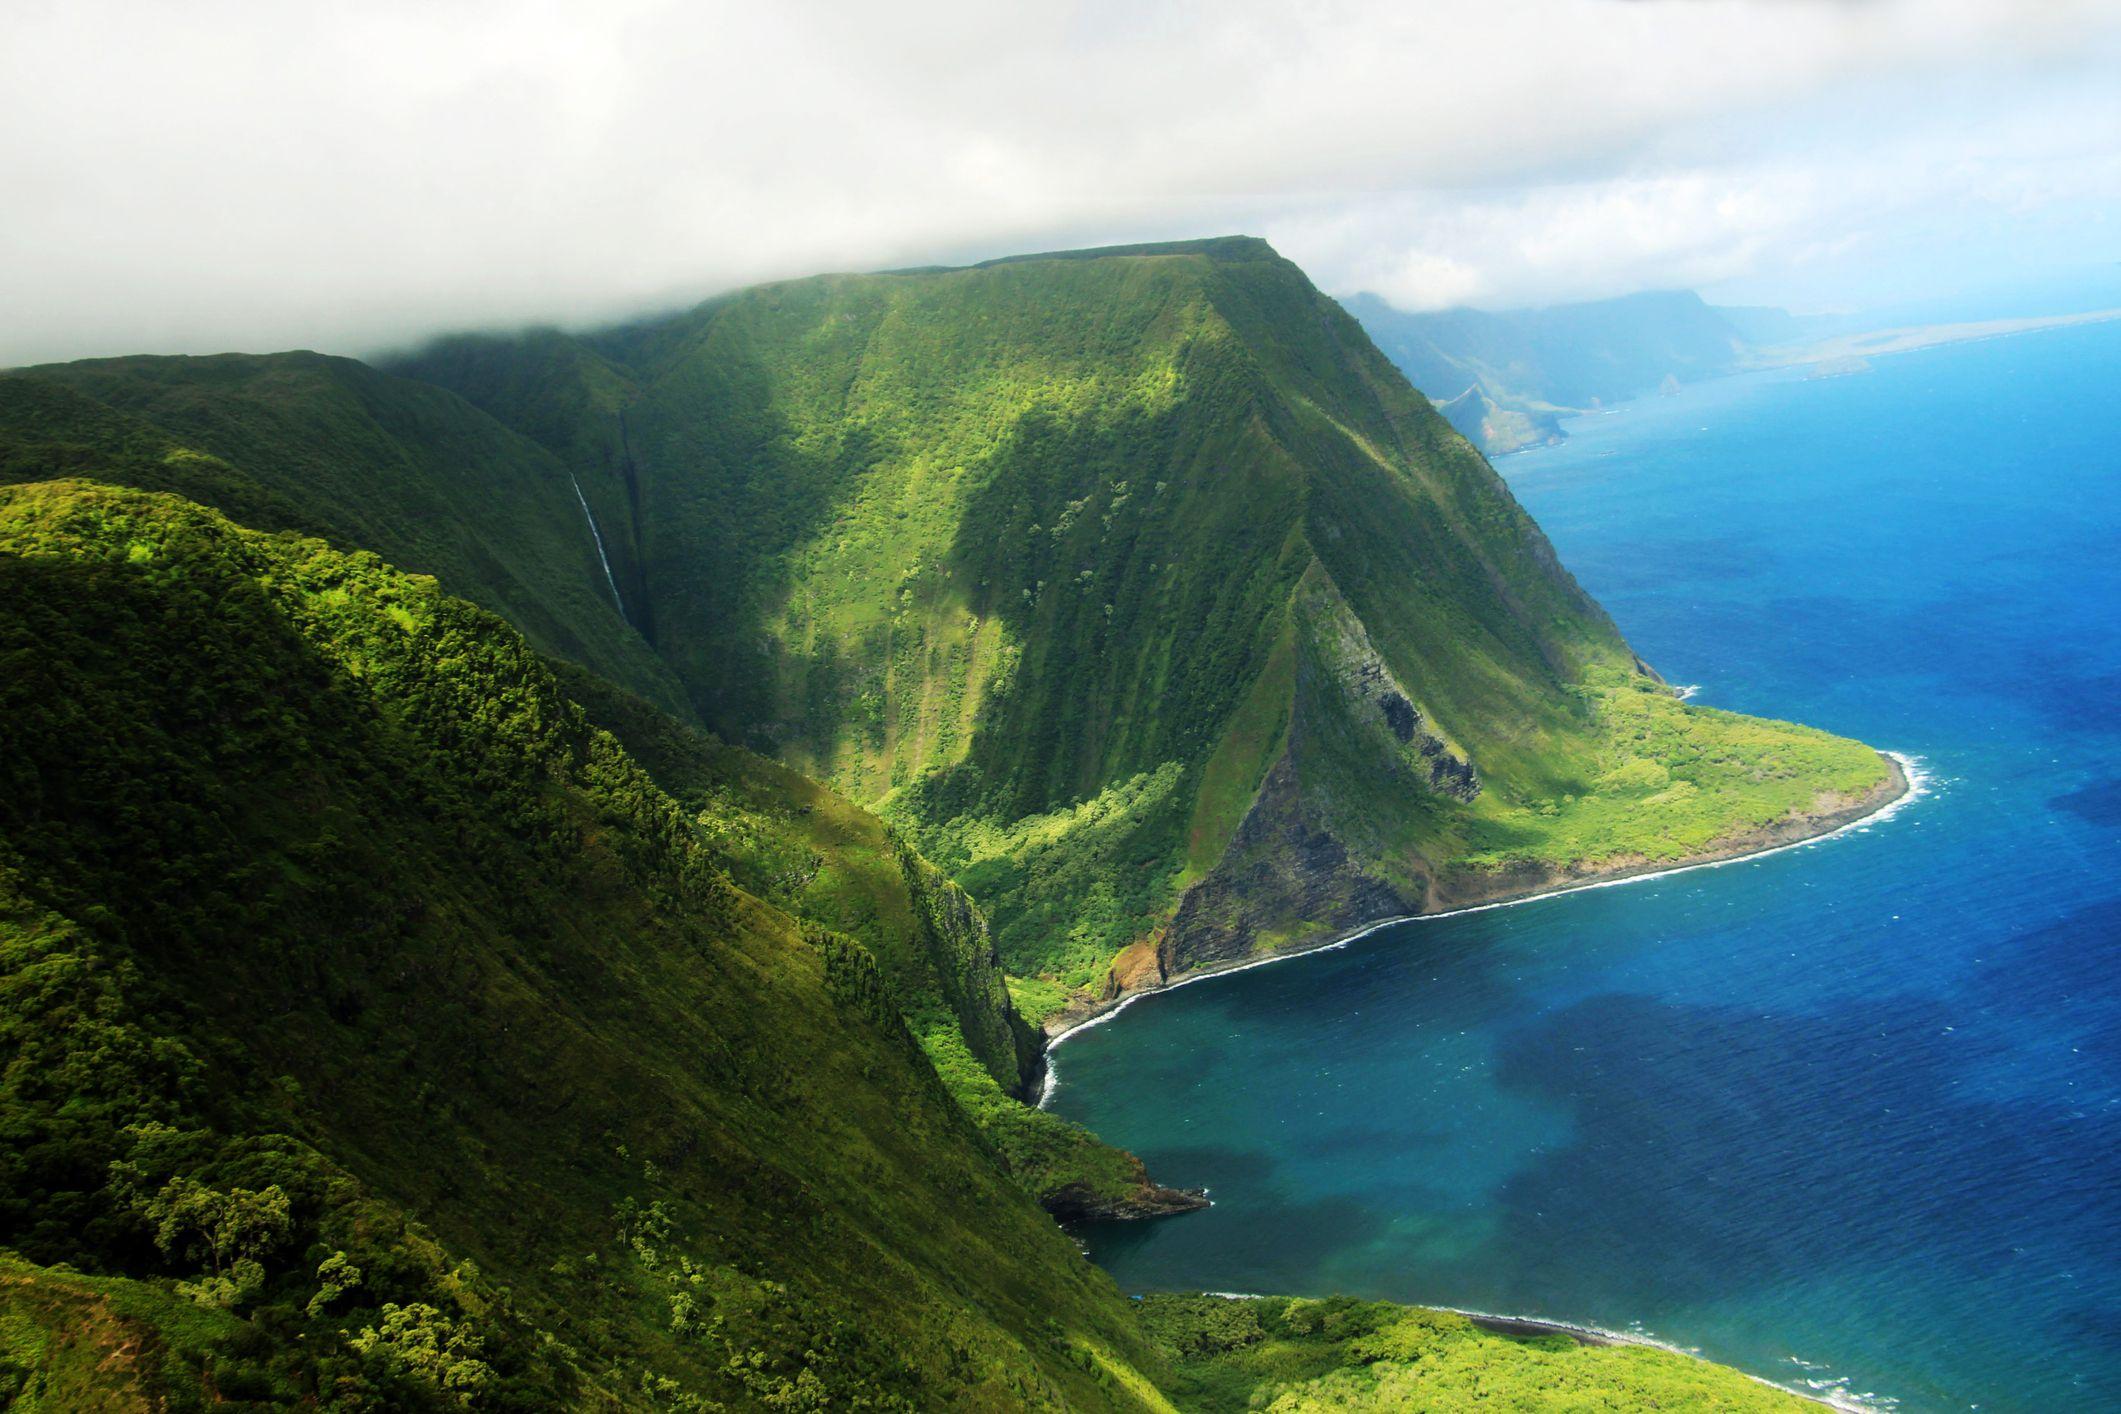 Molokai island coast